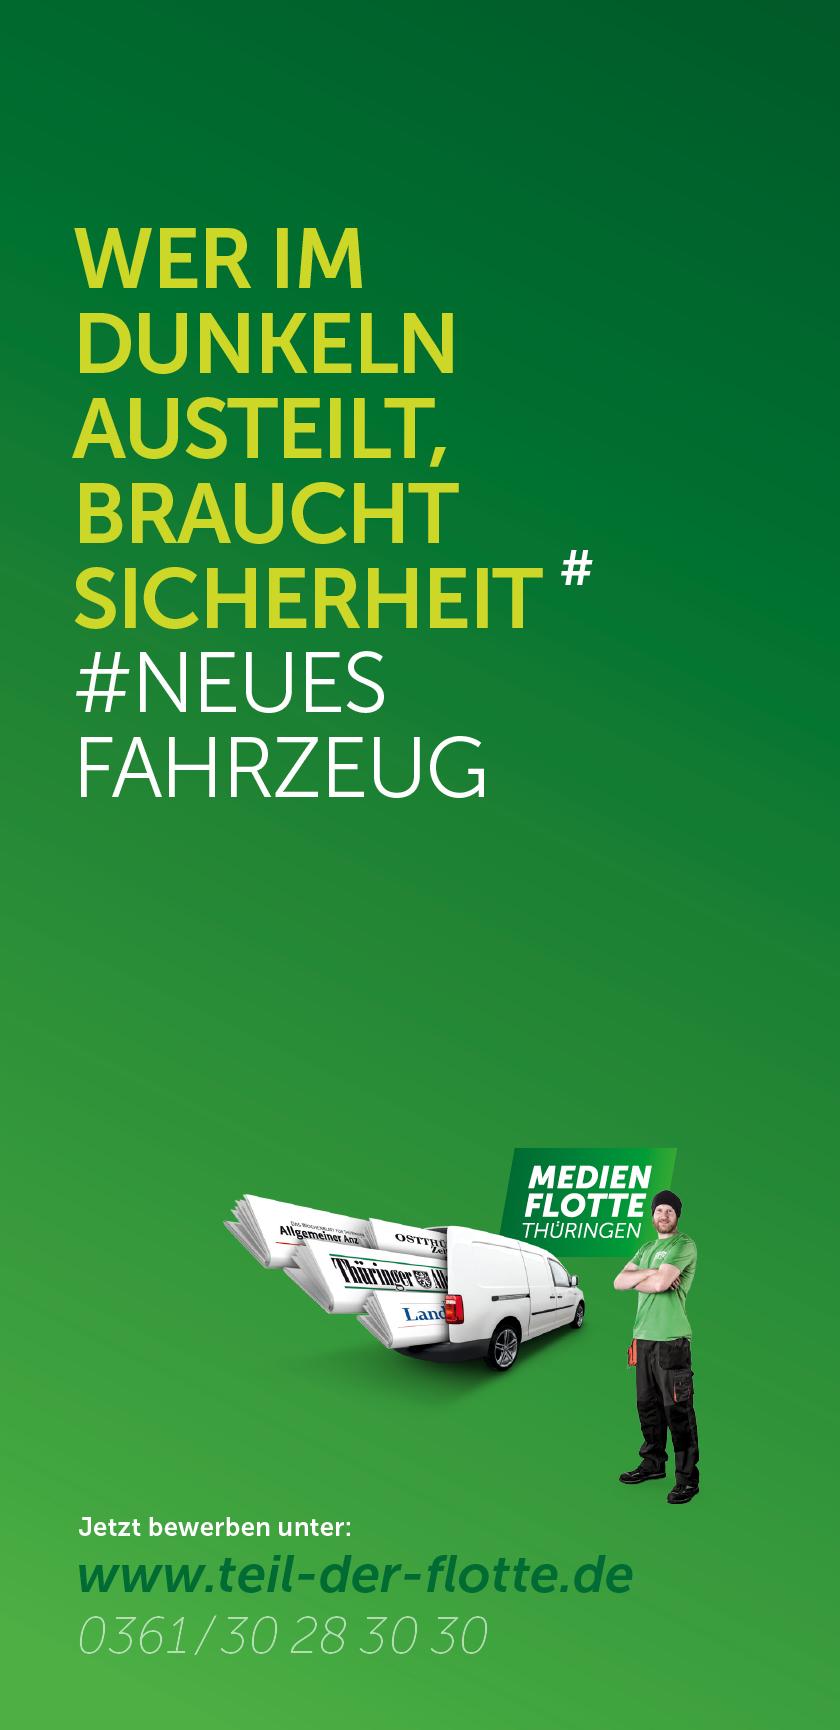 Samt&Seidel_Referenz_MGT_Zustellerkampagne_Design_01